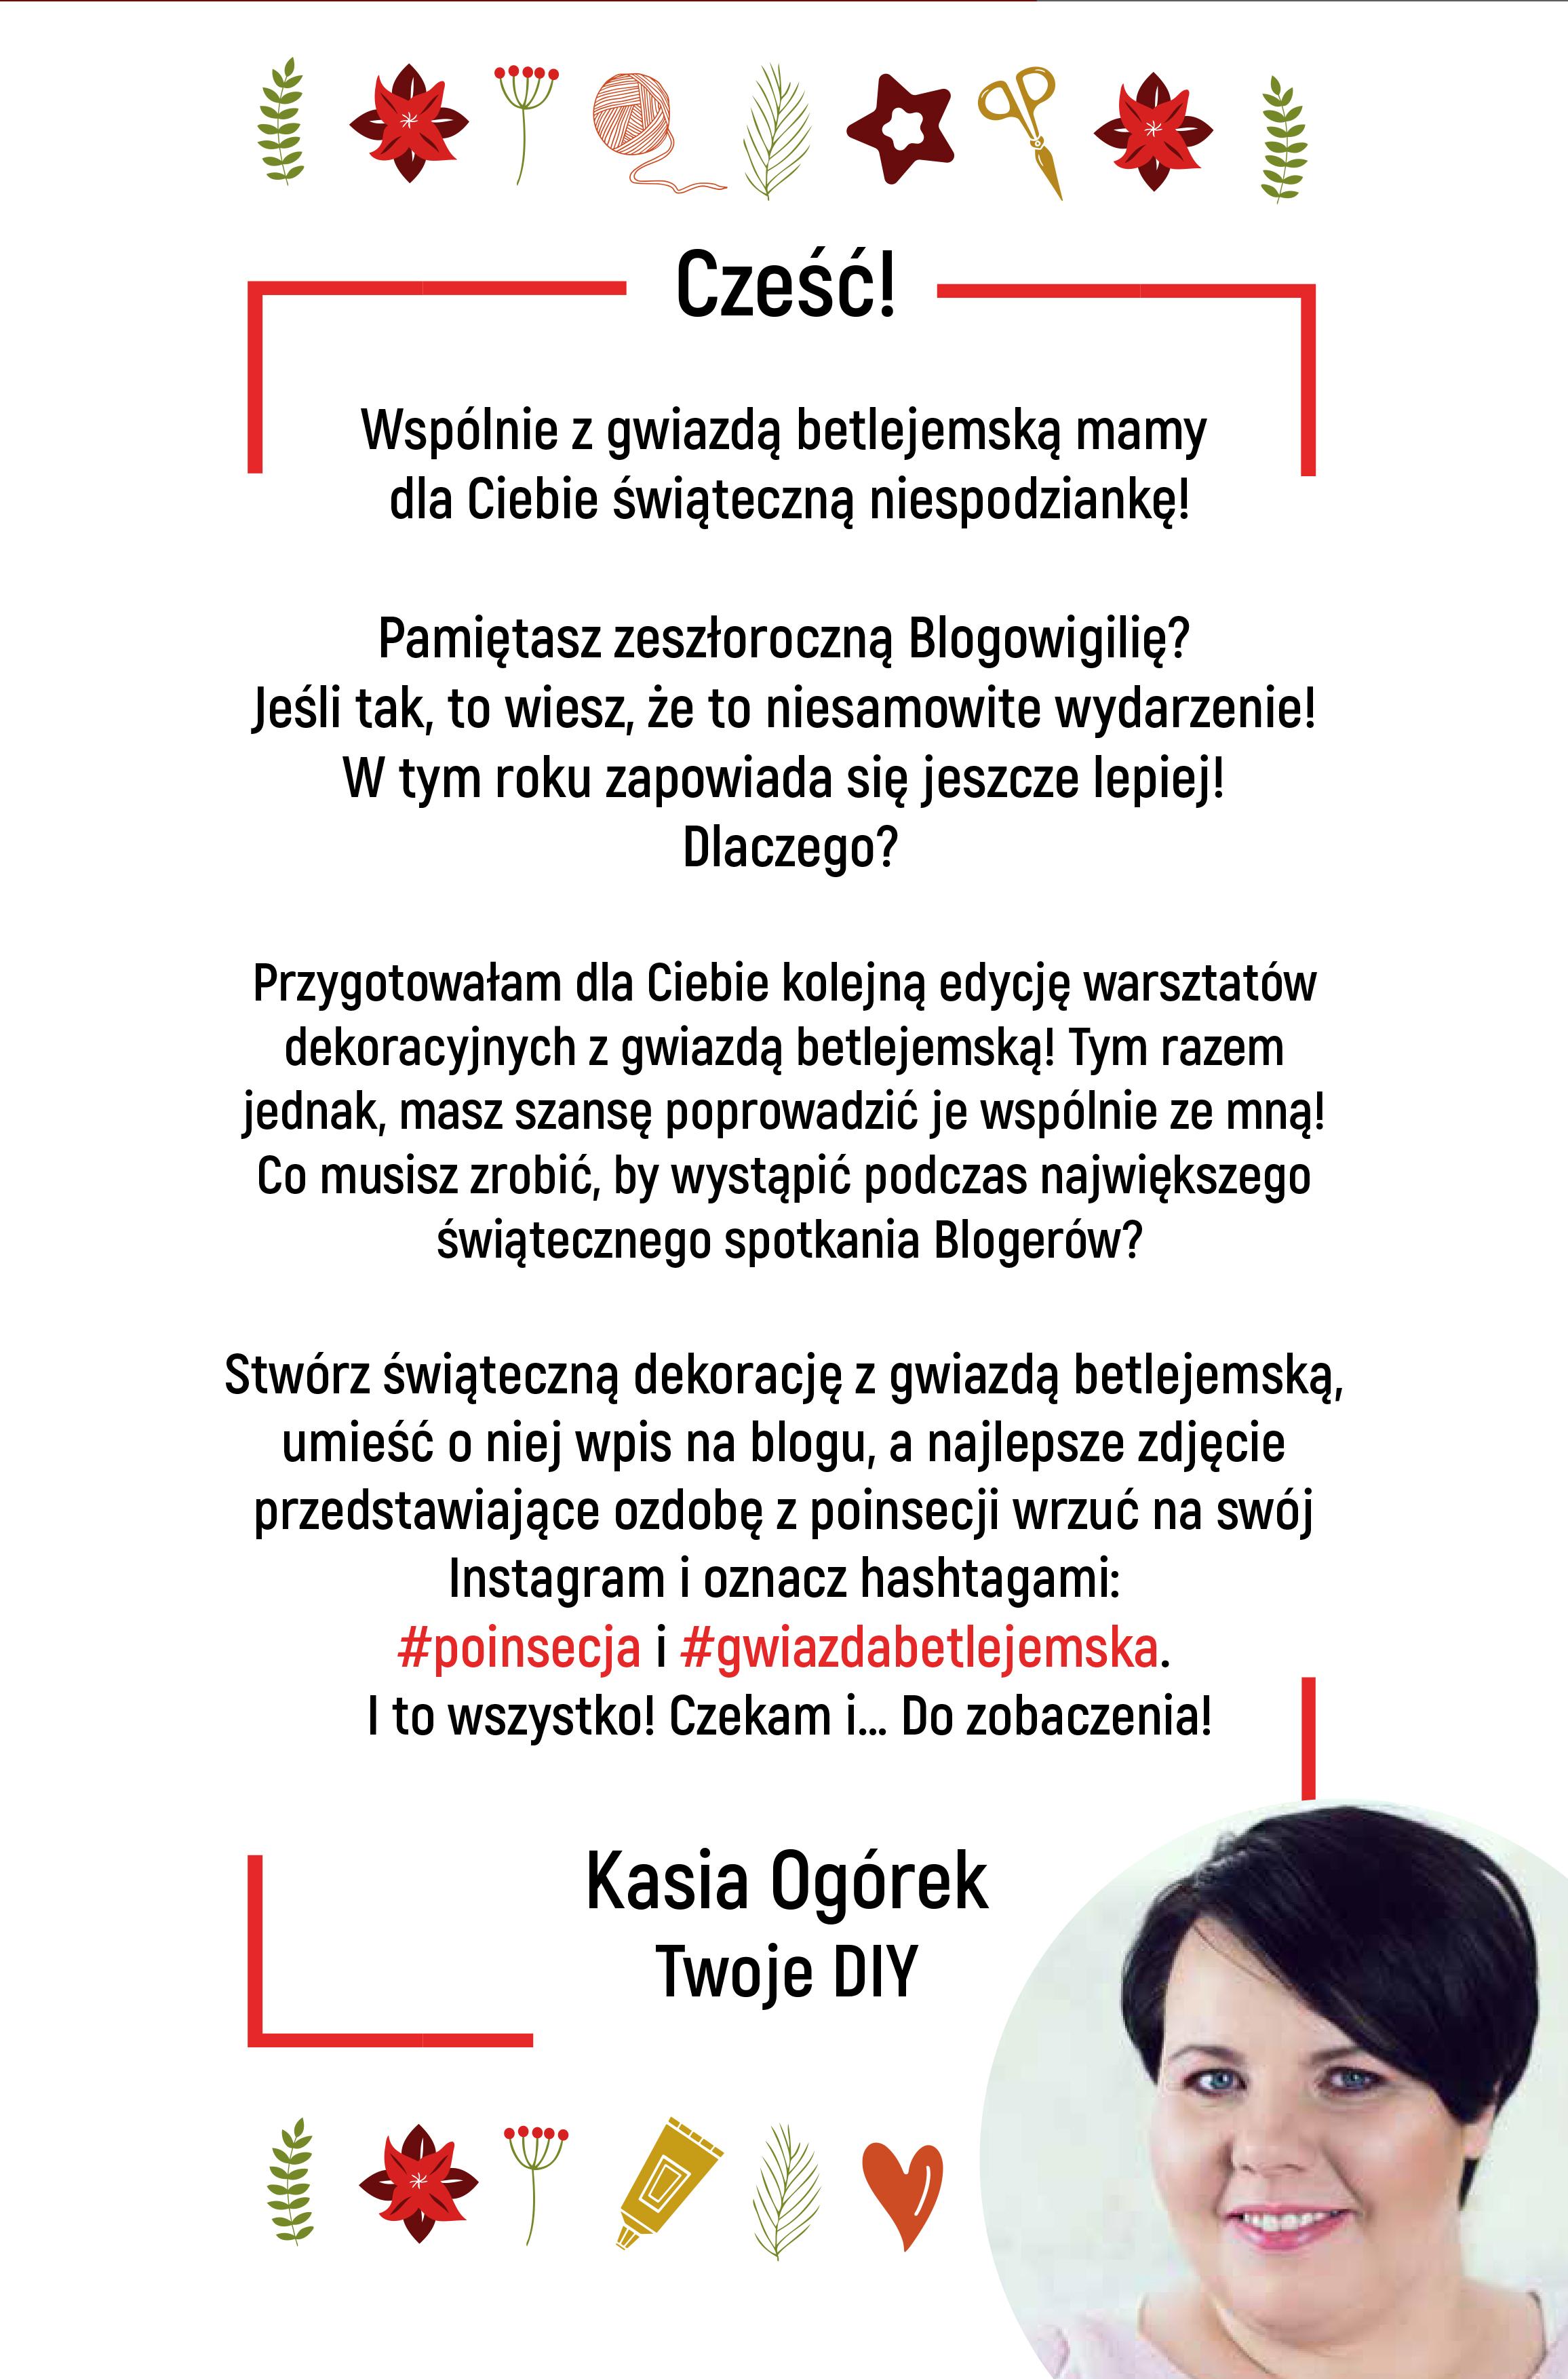 gwiazda-betlejemska-warsztaty-dla-blogerow